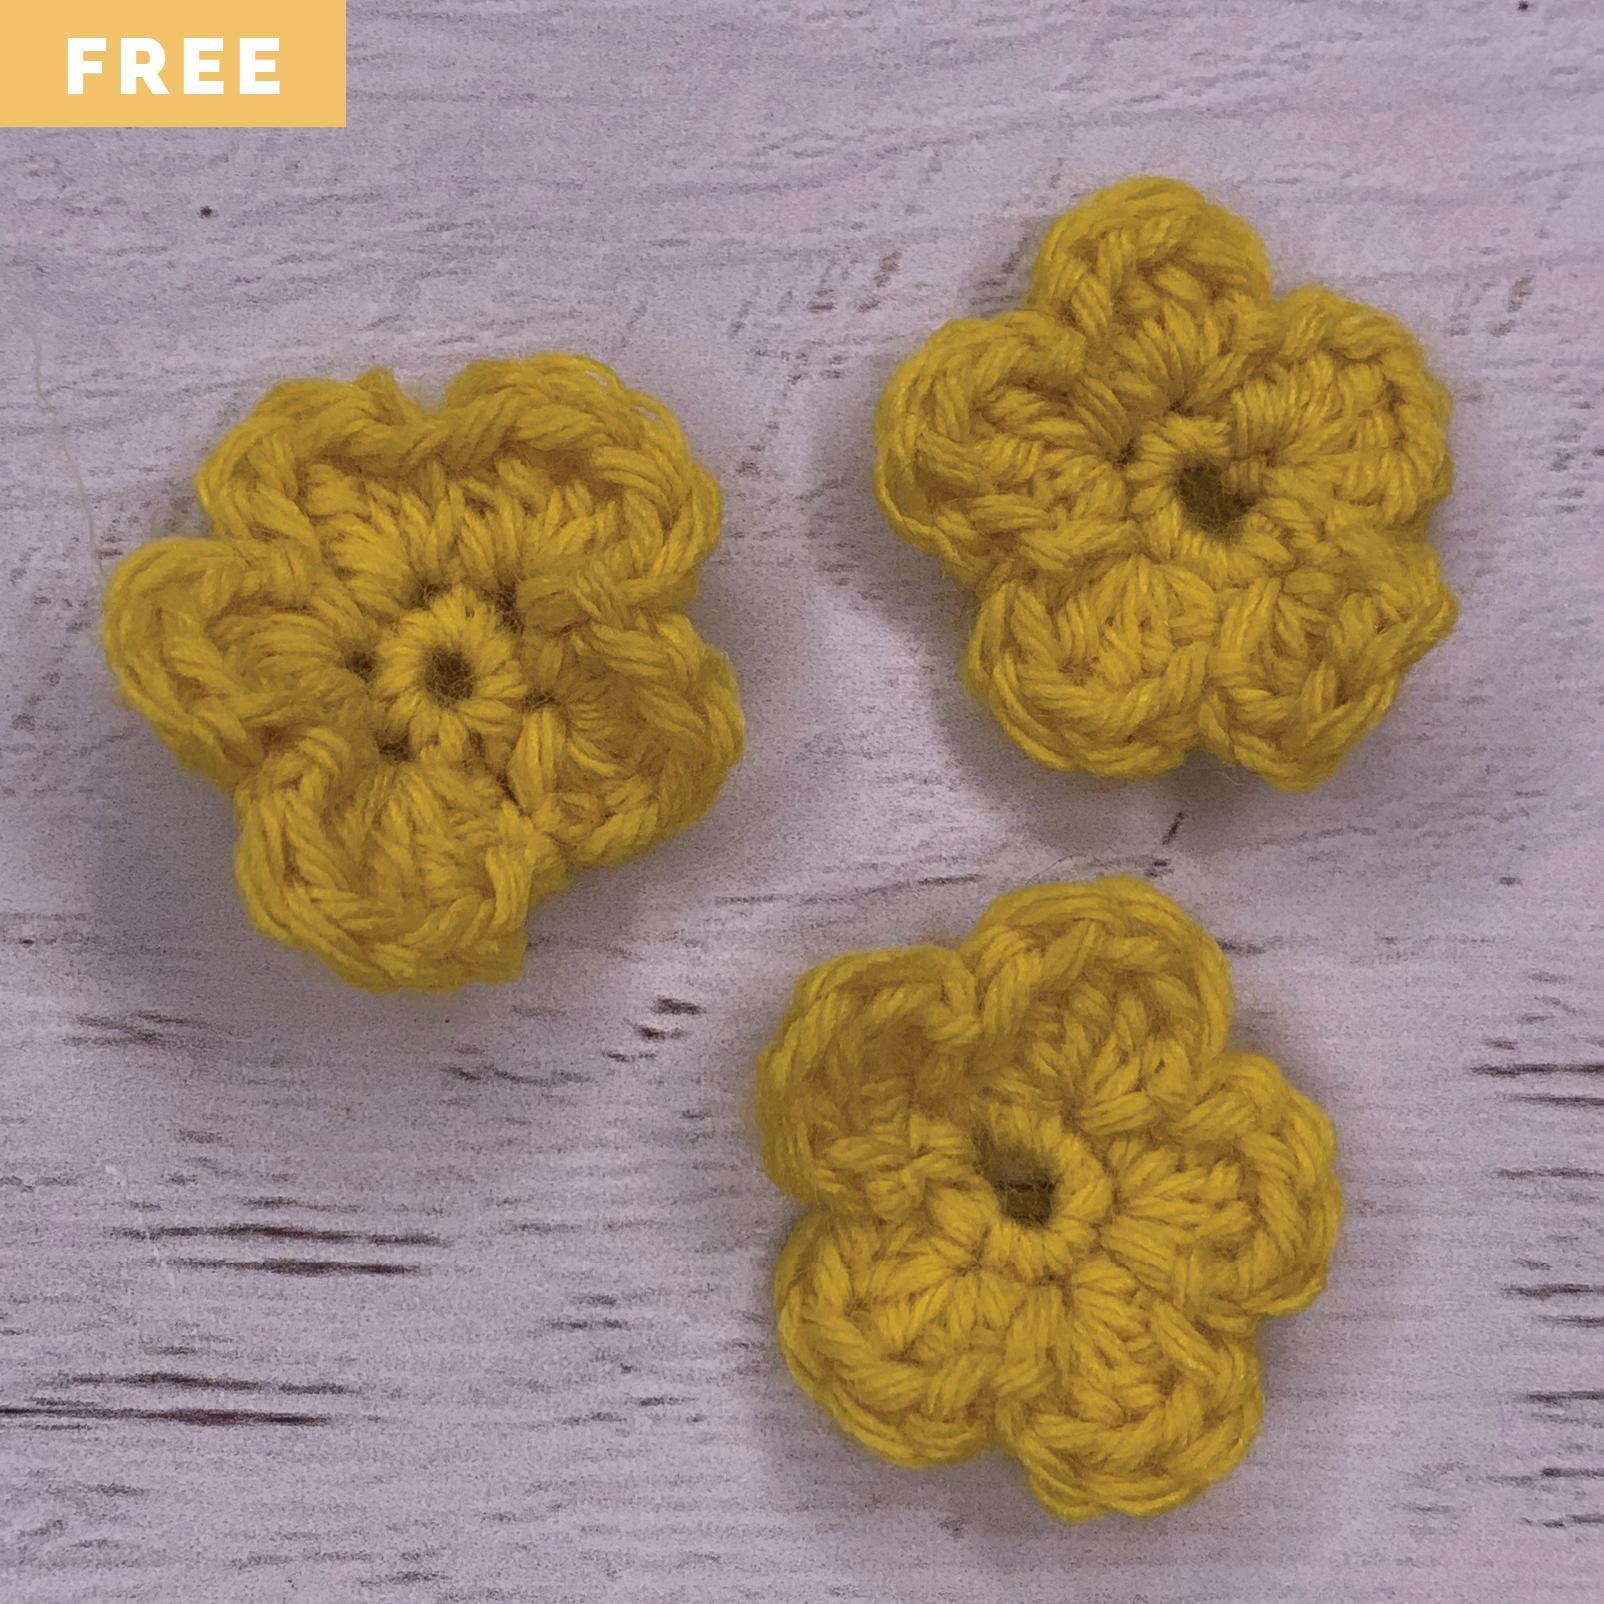 Free Crochet Pattern - Simple Crochet Flowers